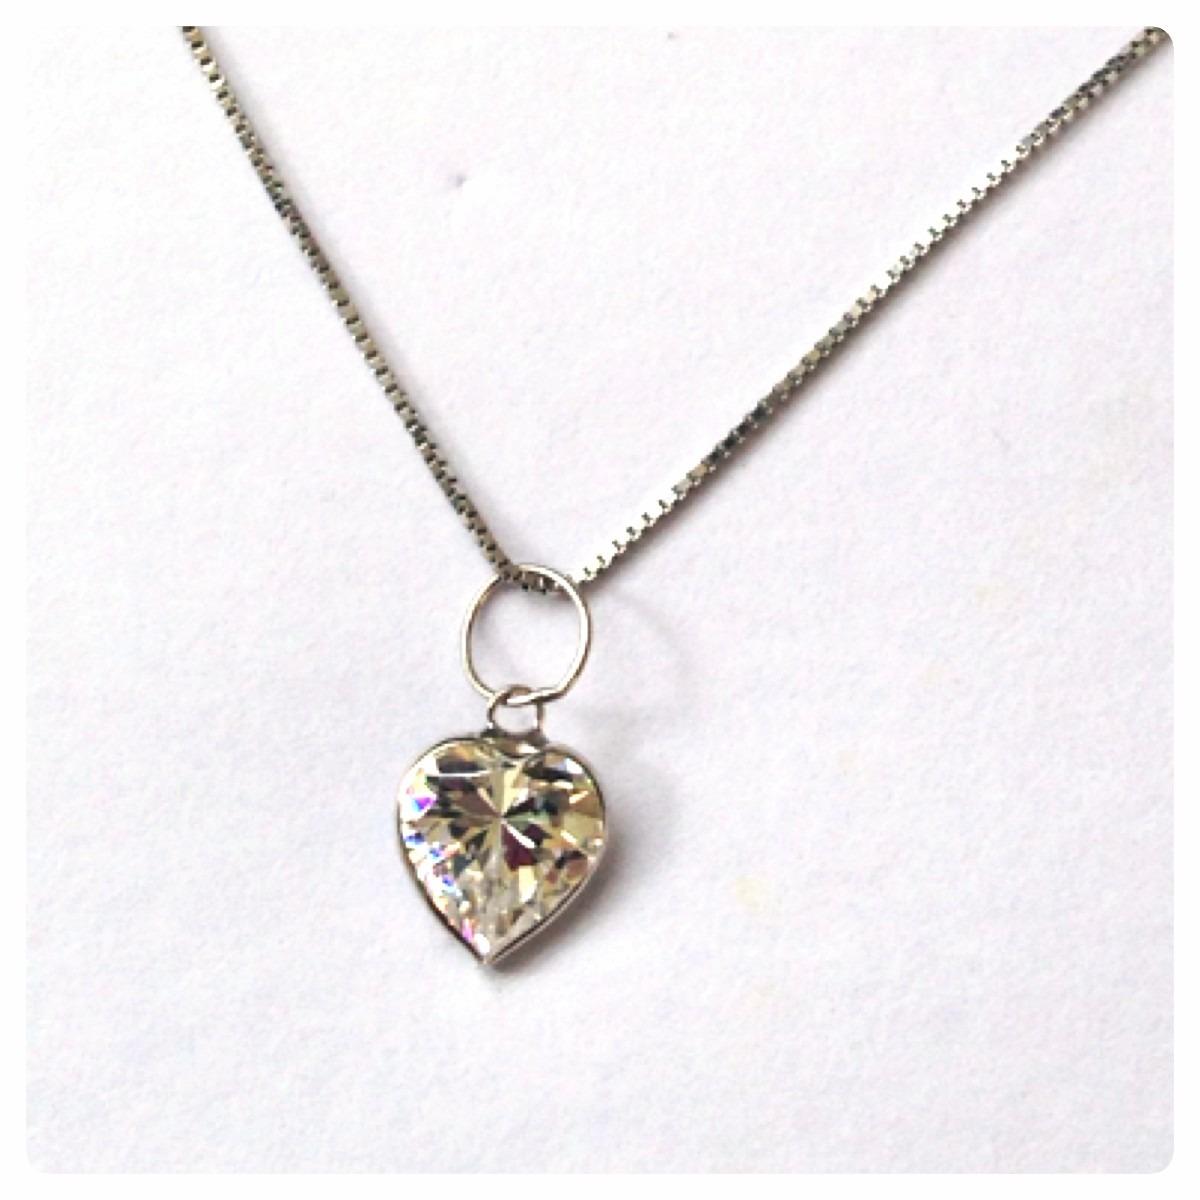 Carregando zoom... corrente luxo pingente coração de 6 mm joia ouro branco  18k 29169589ce